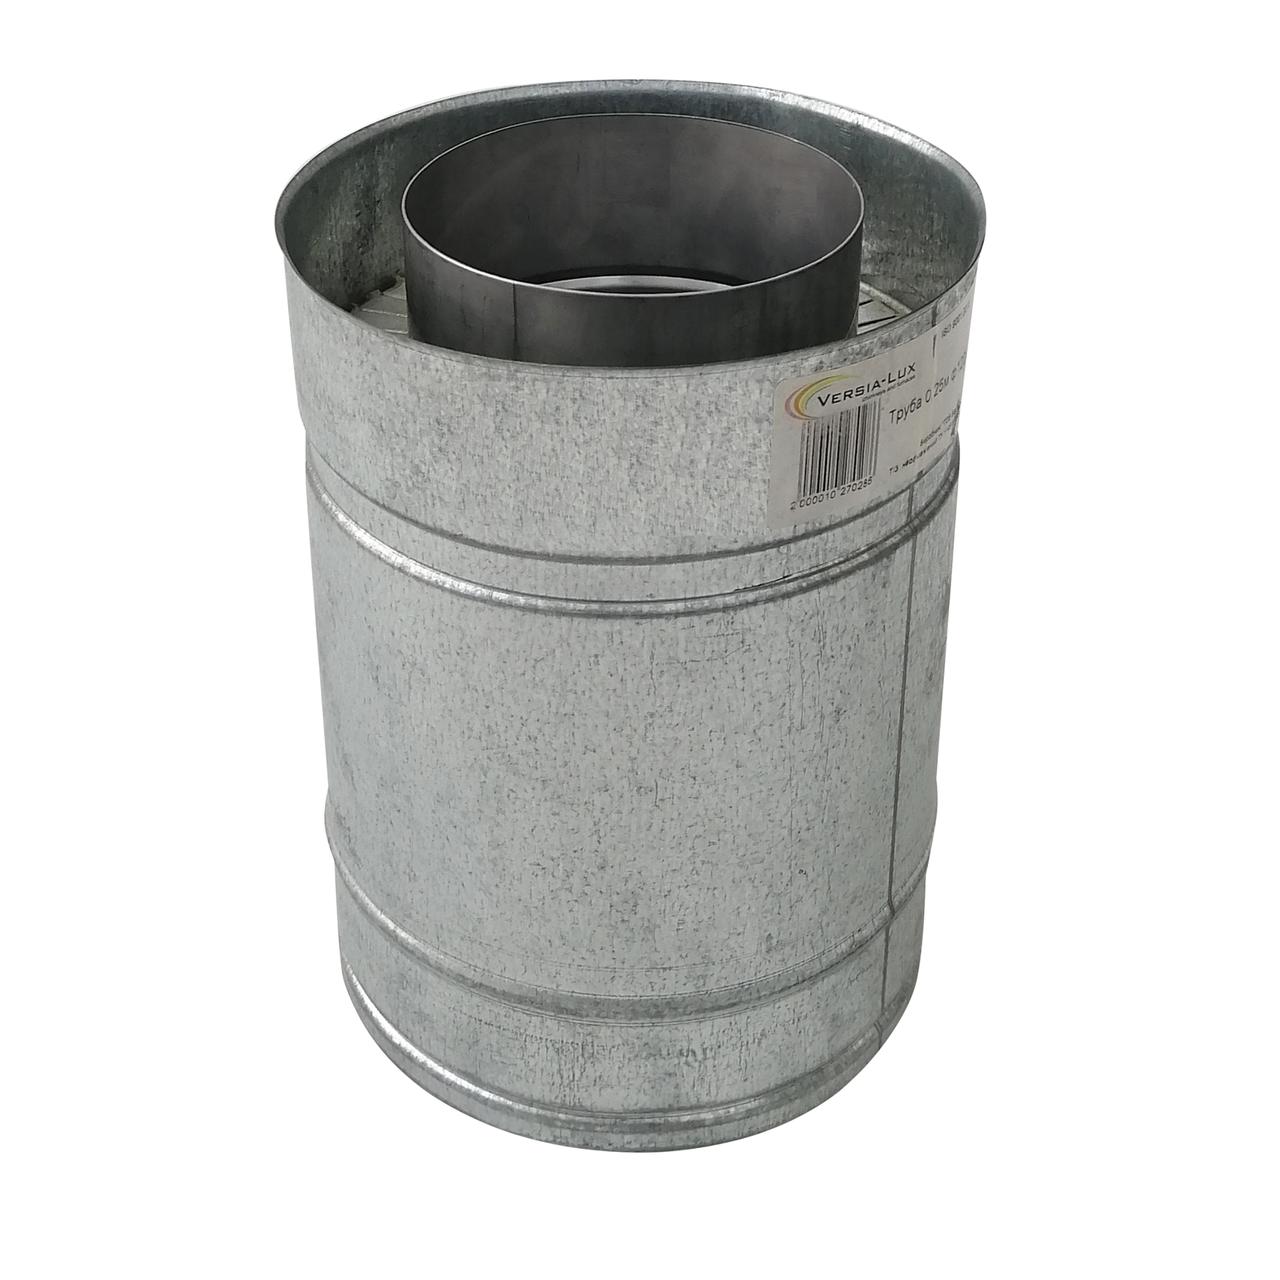 Труба димохідна сендвіч d 100 мм; 1 мм; AISI 304; 25 см; нержавіюча сталь/оцинкування - «Версія-Люкс»